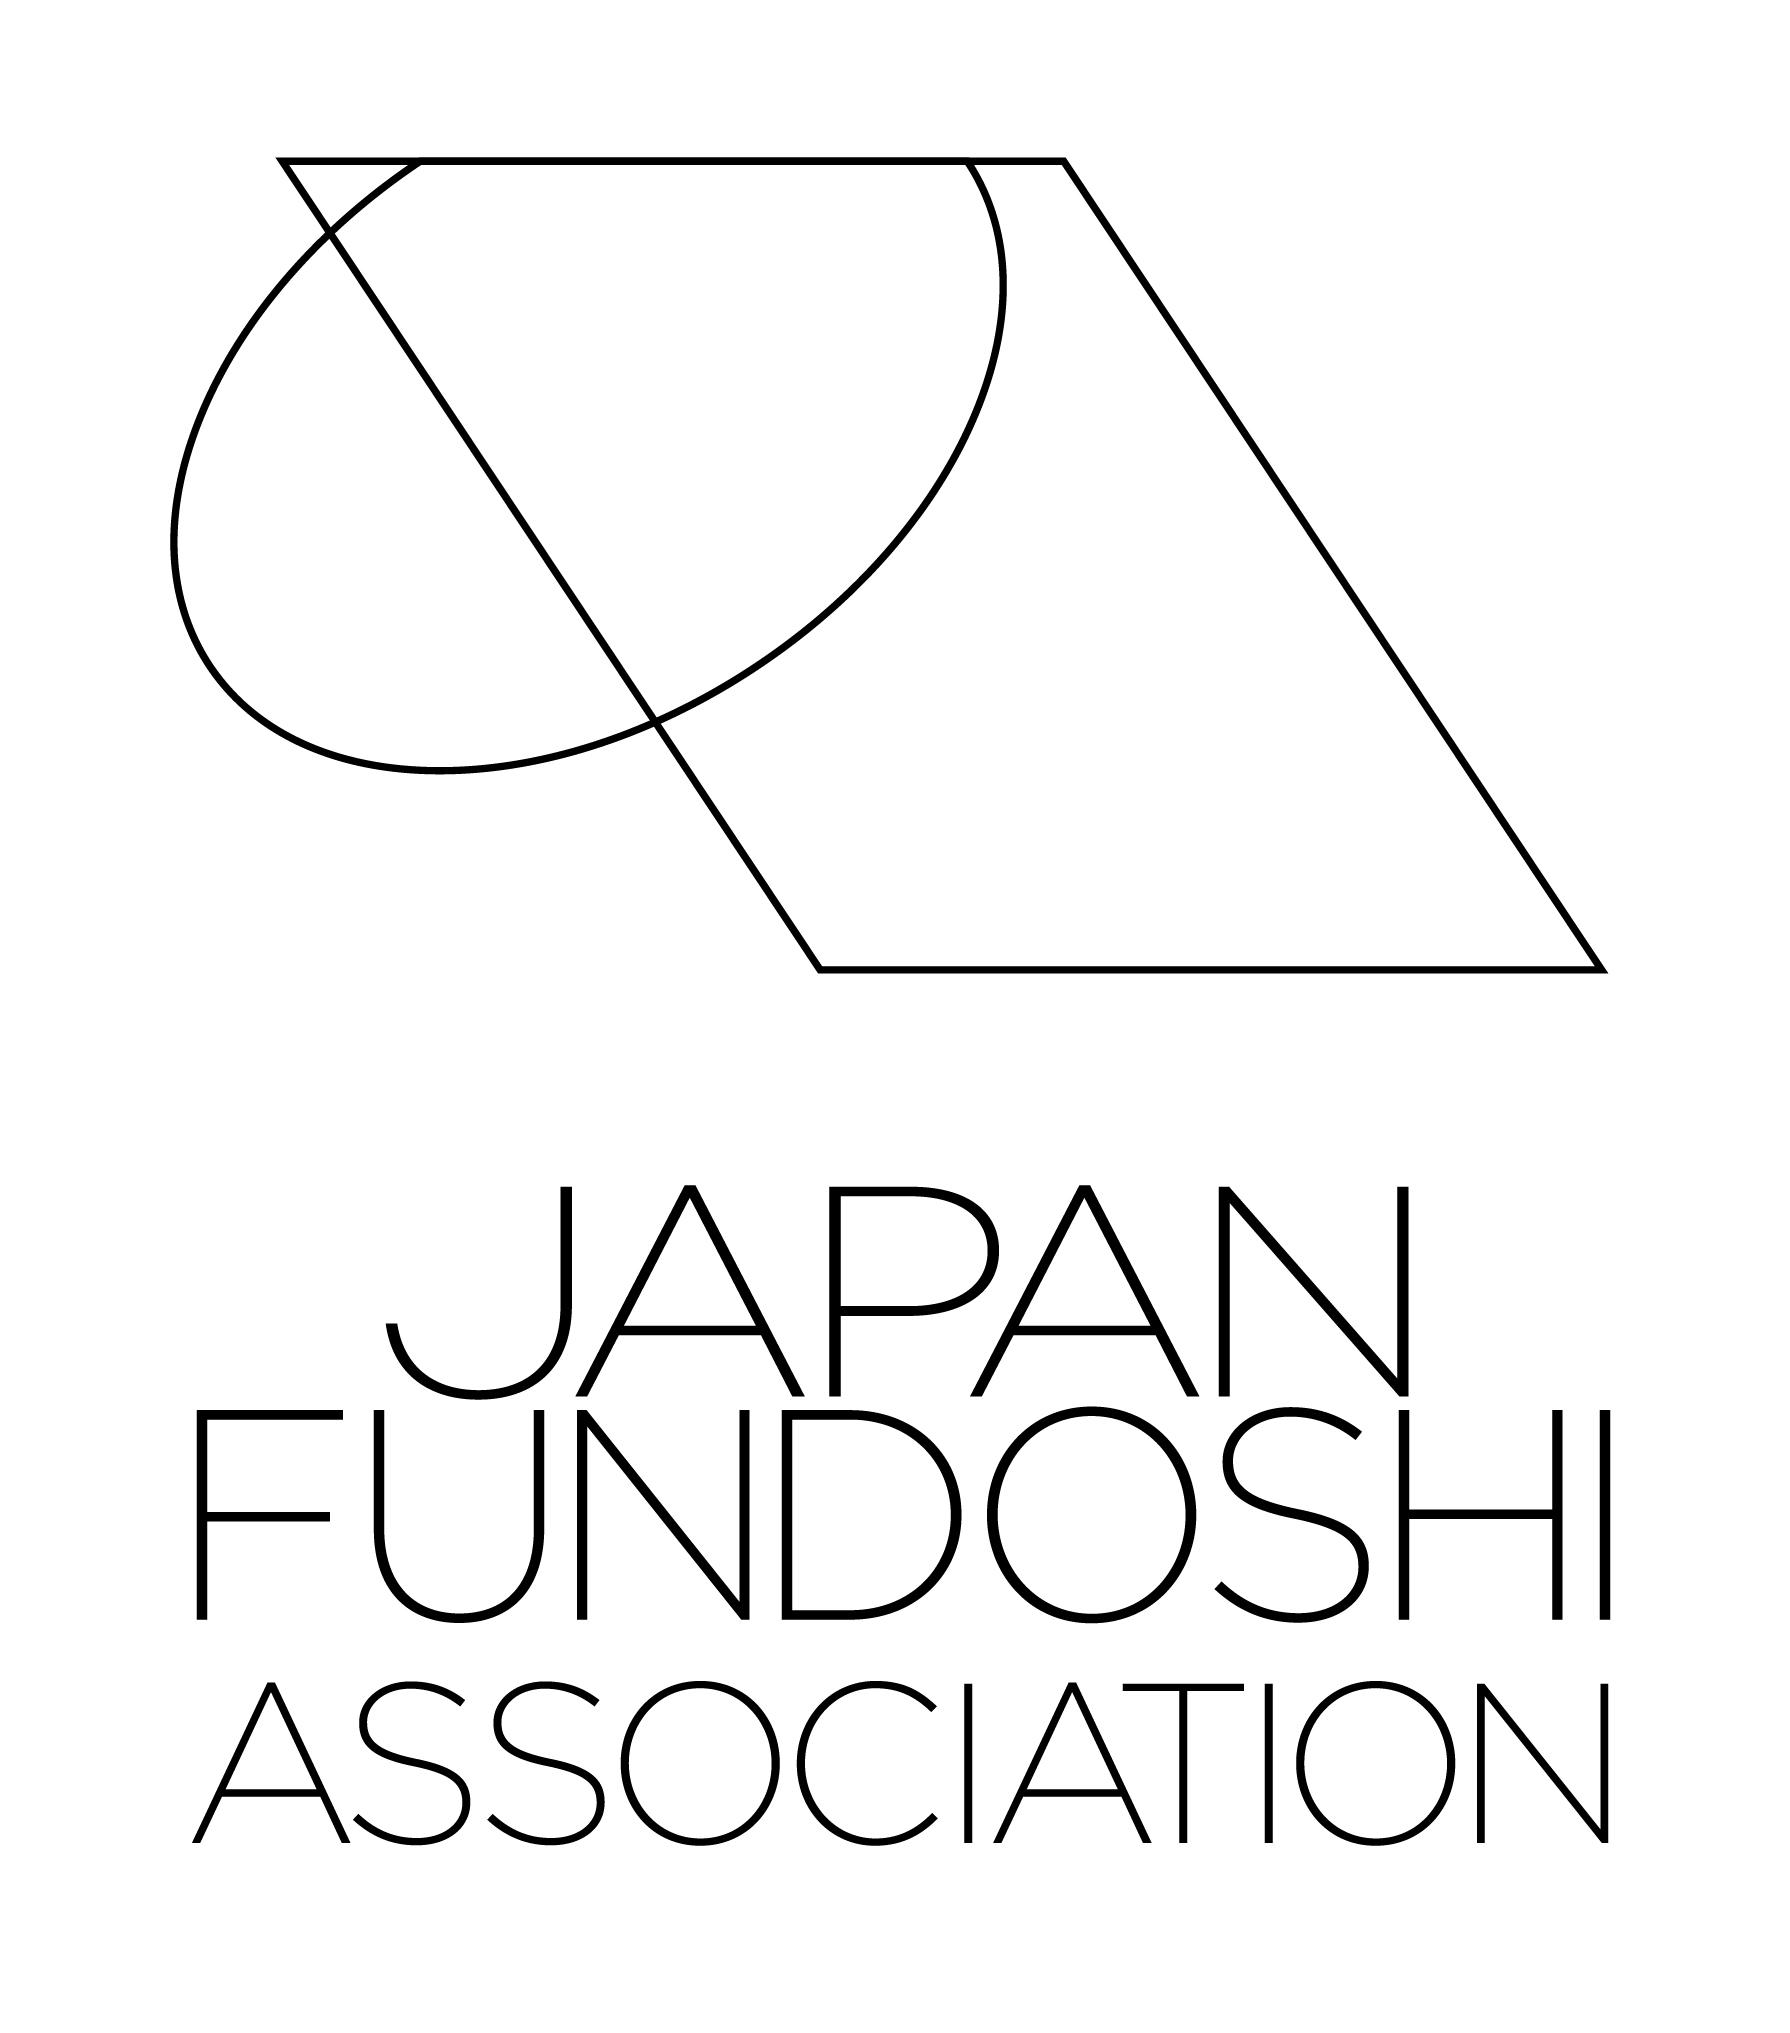 一般社団法人 日本ふんどし協会(JAPAN FUNDOSHI ASSOCIATION)